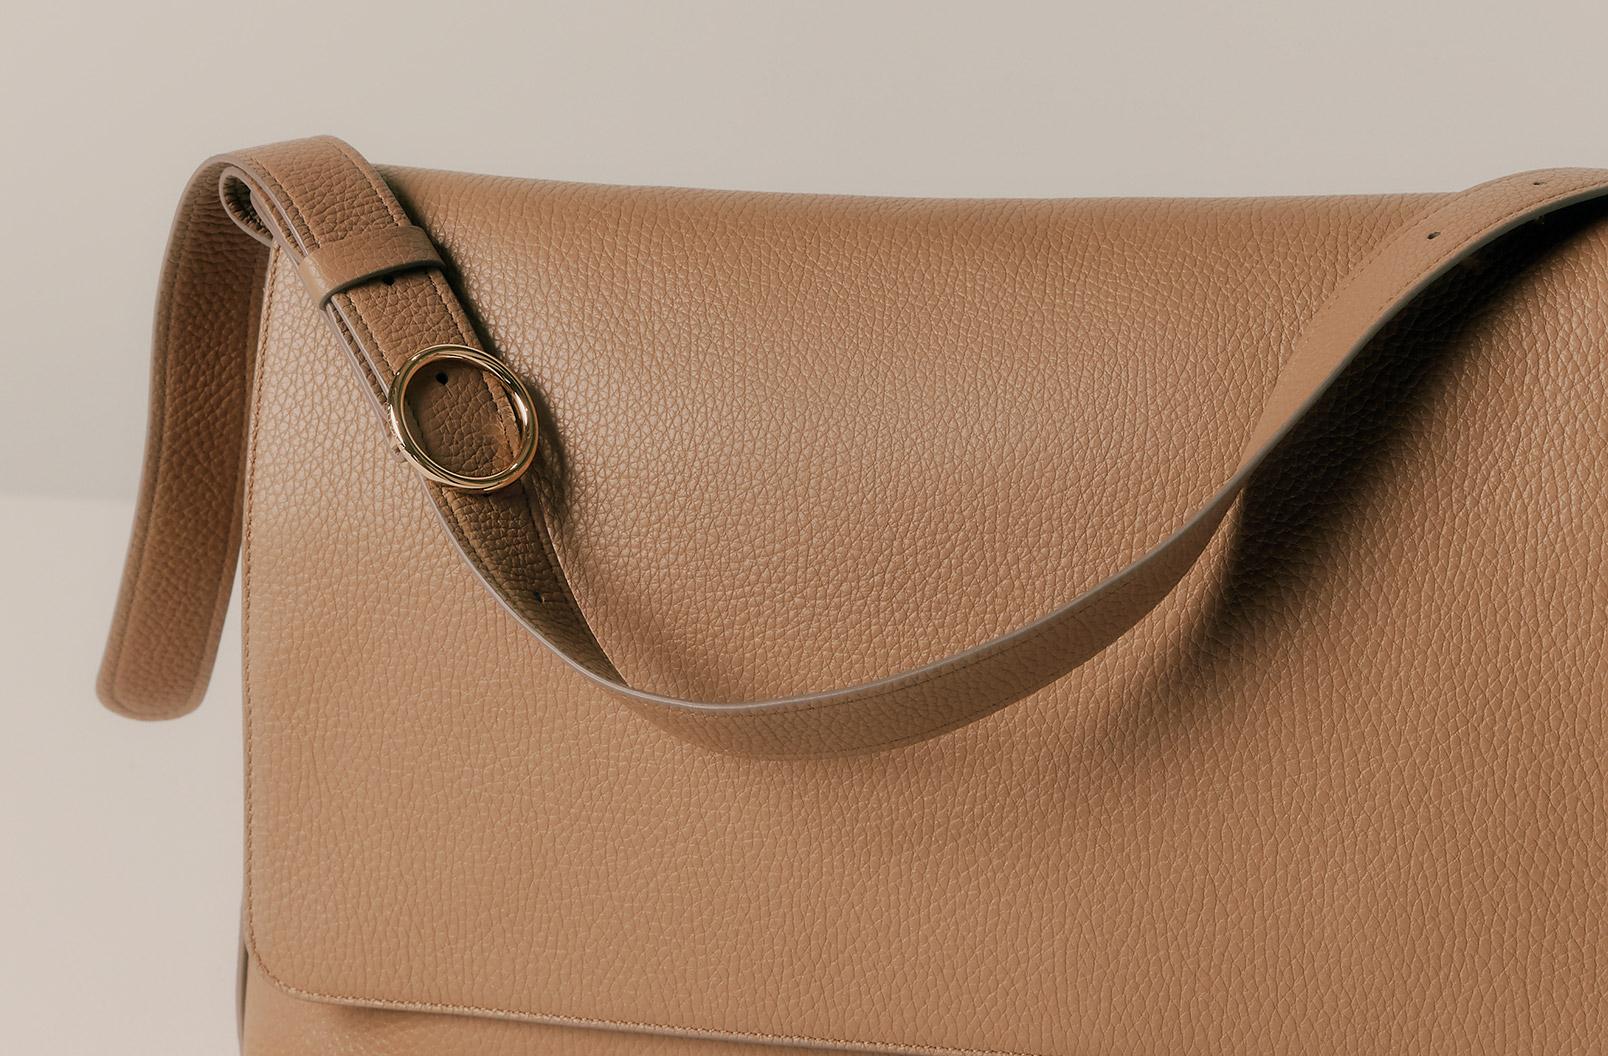 Detail image of Messenger Bag Strap